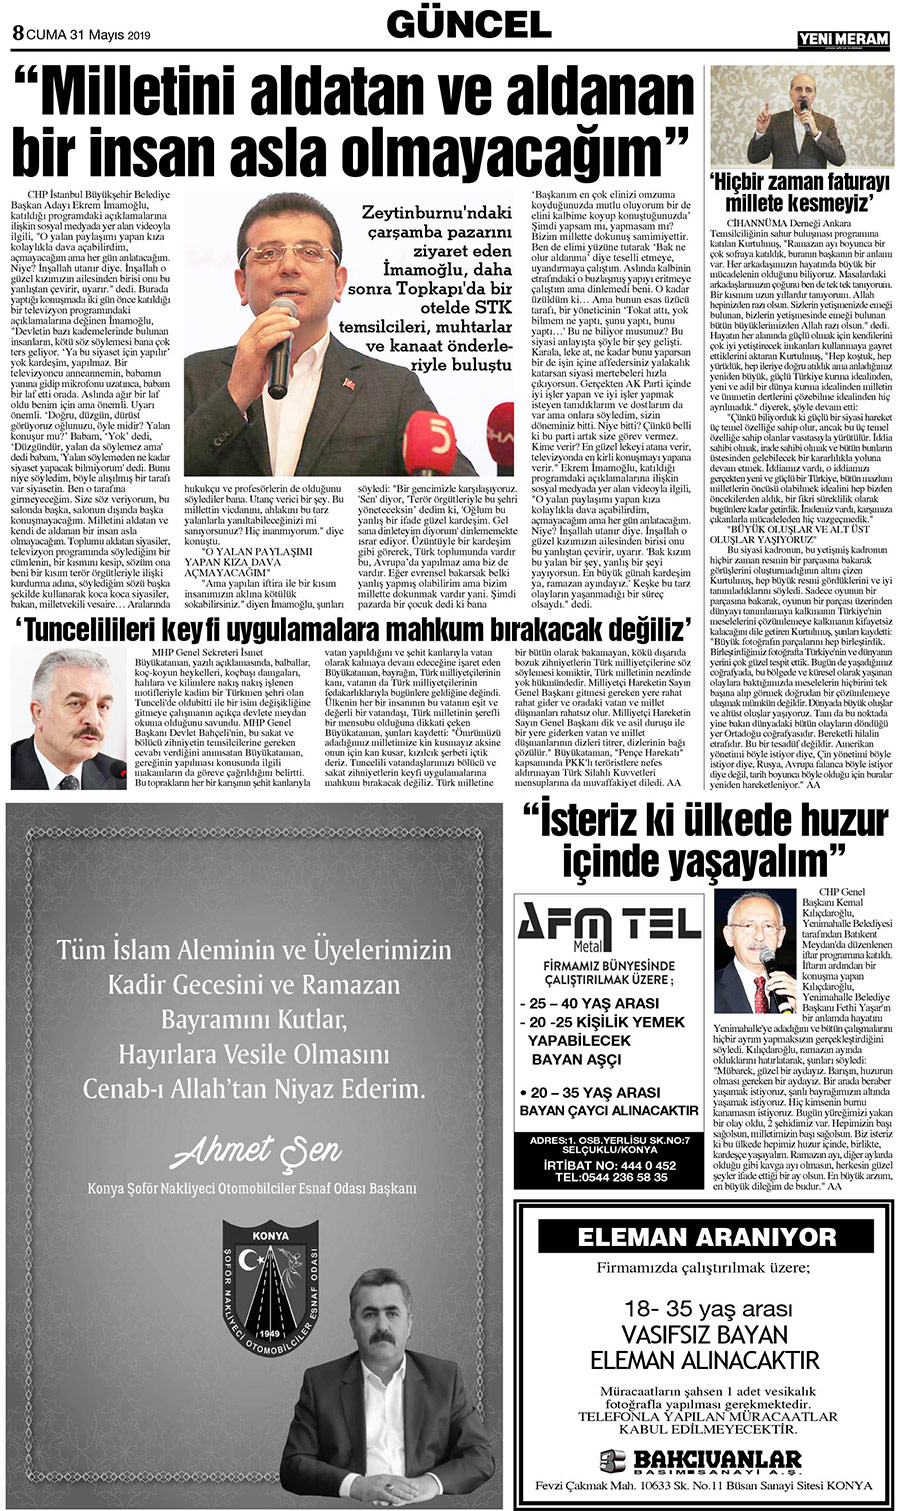 31 Mayıs 2019 Yeni Meram Gazetesi